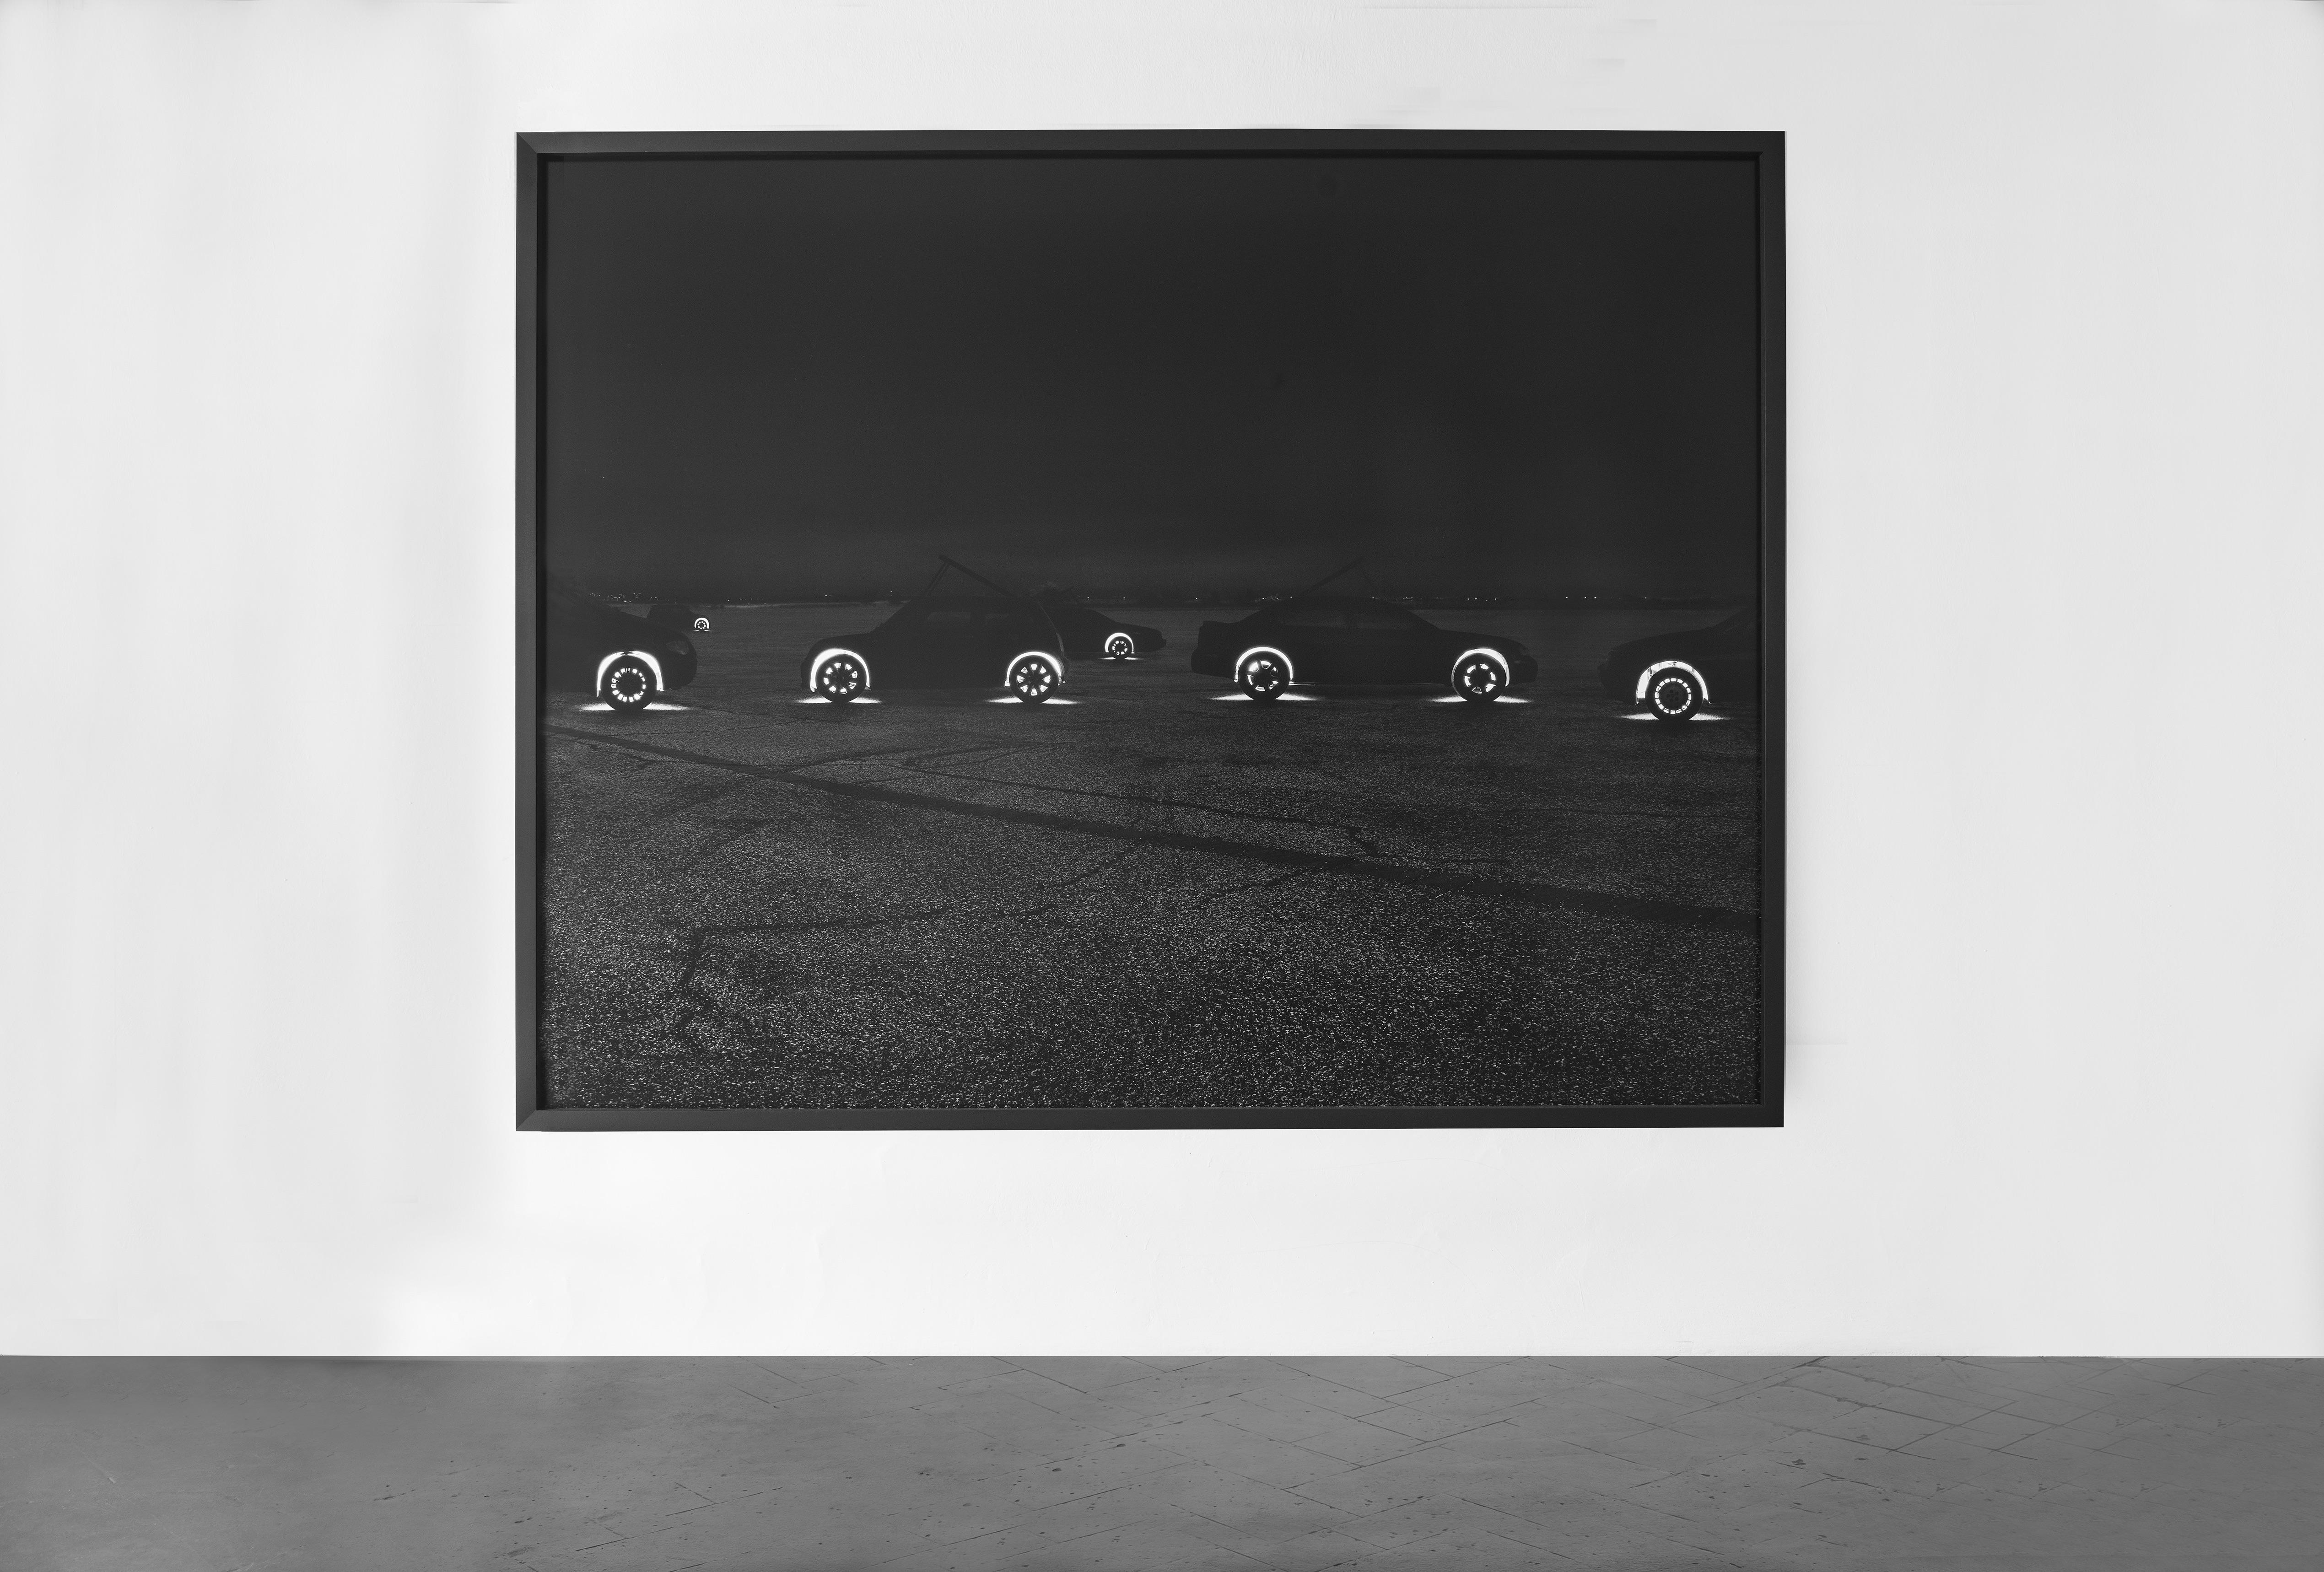 La Forma della Città, veduta della mostra. Andrea Galvani, Higgs Ocean #5, 2009 C-print su alluminio montana su dibond, cornice di legno nero 188x236x2 cm